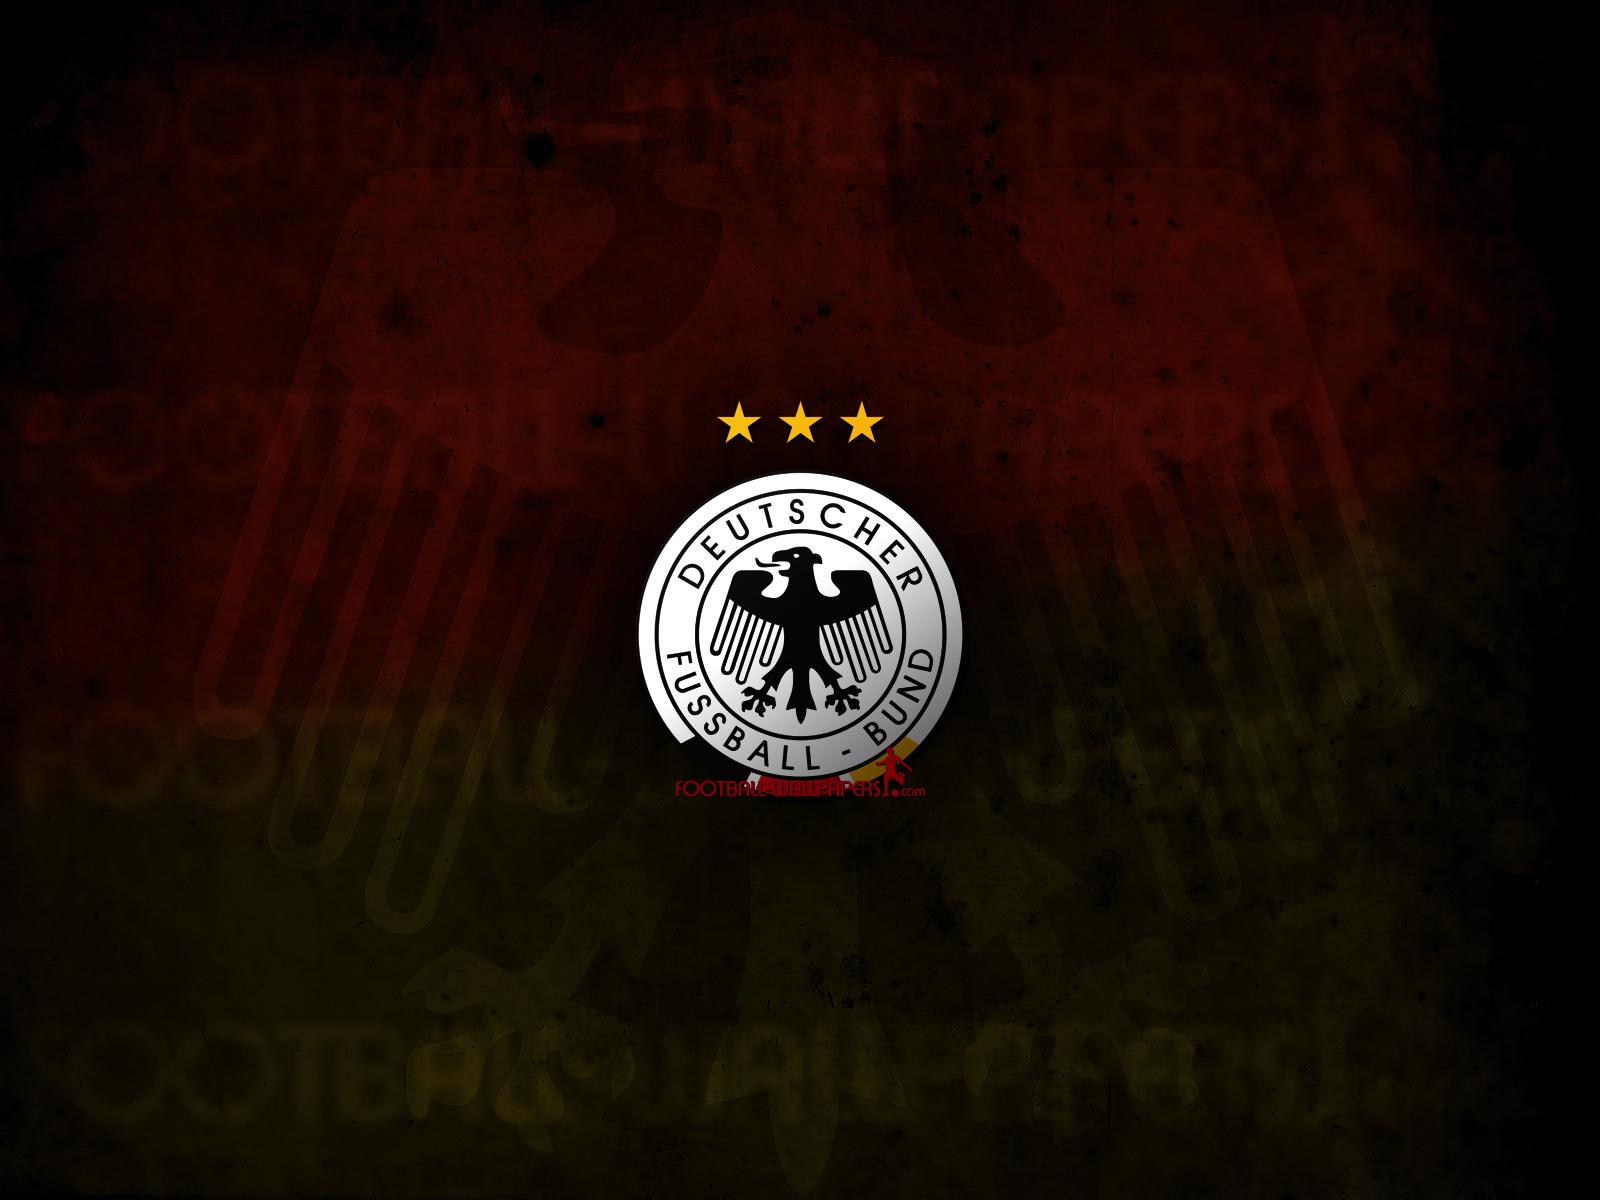 Die Mannschaft - German National Soccer Team Wallpaper (27589655